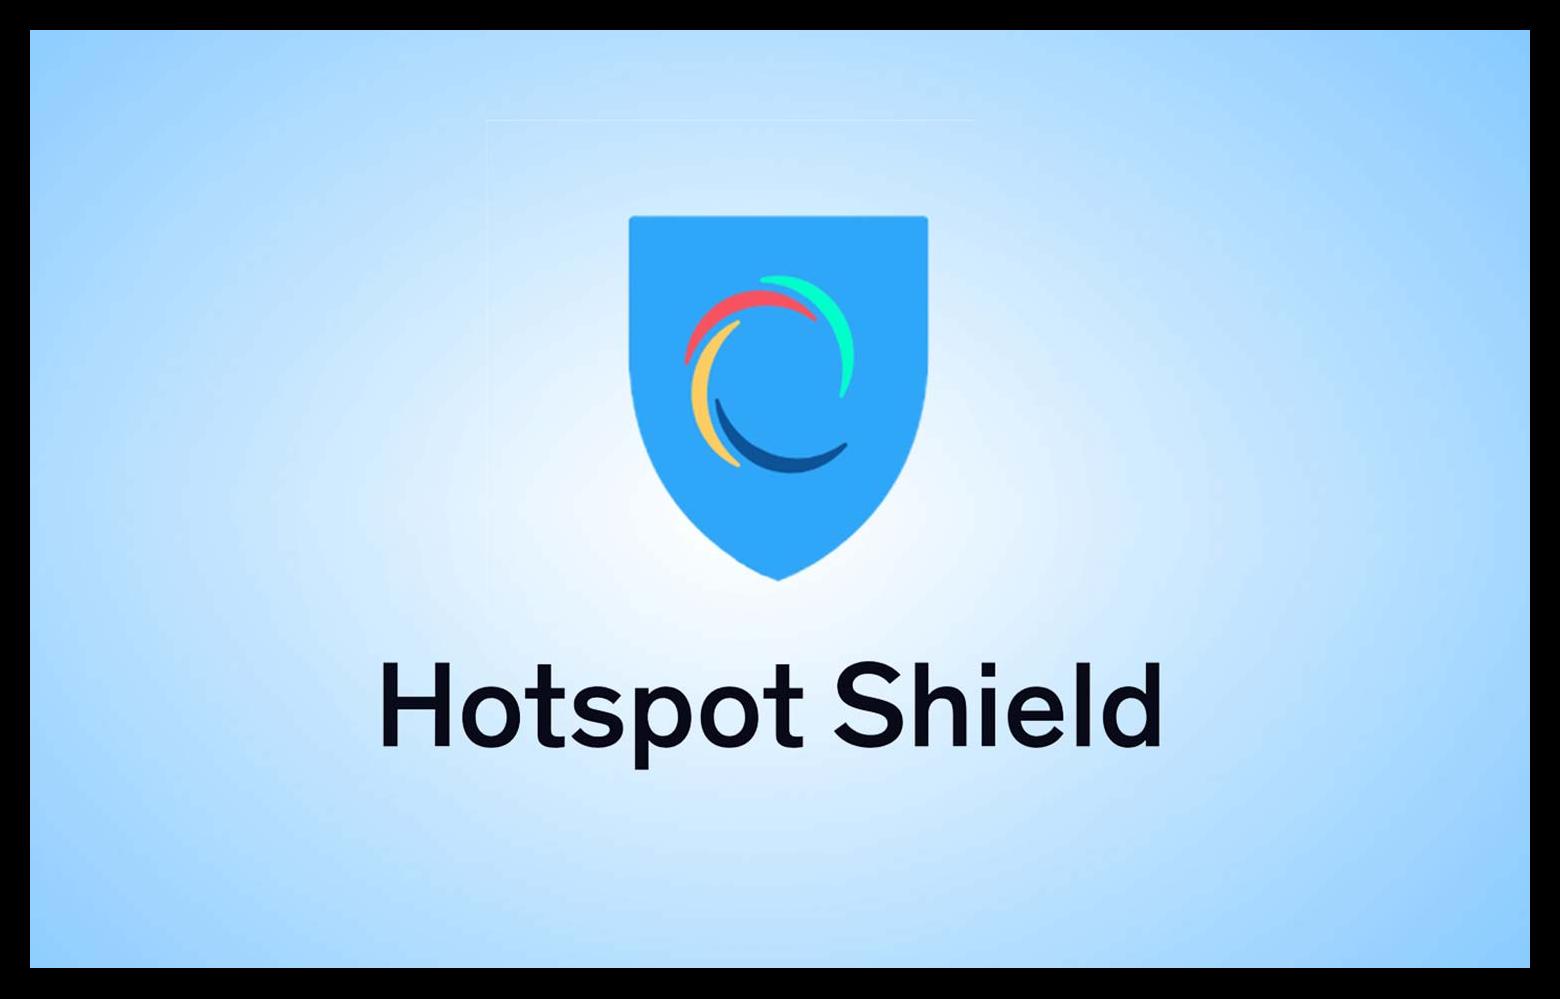 Расширение Hotspot Shield для обхода блокировок в Яндекс Браузере